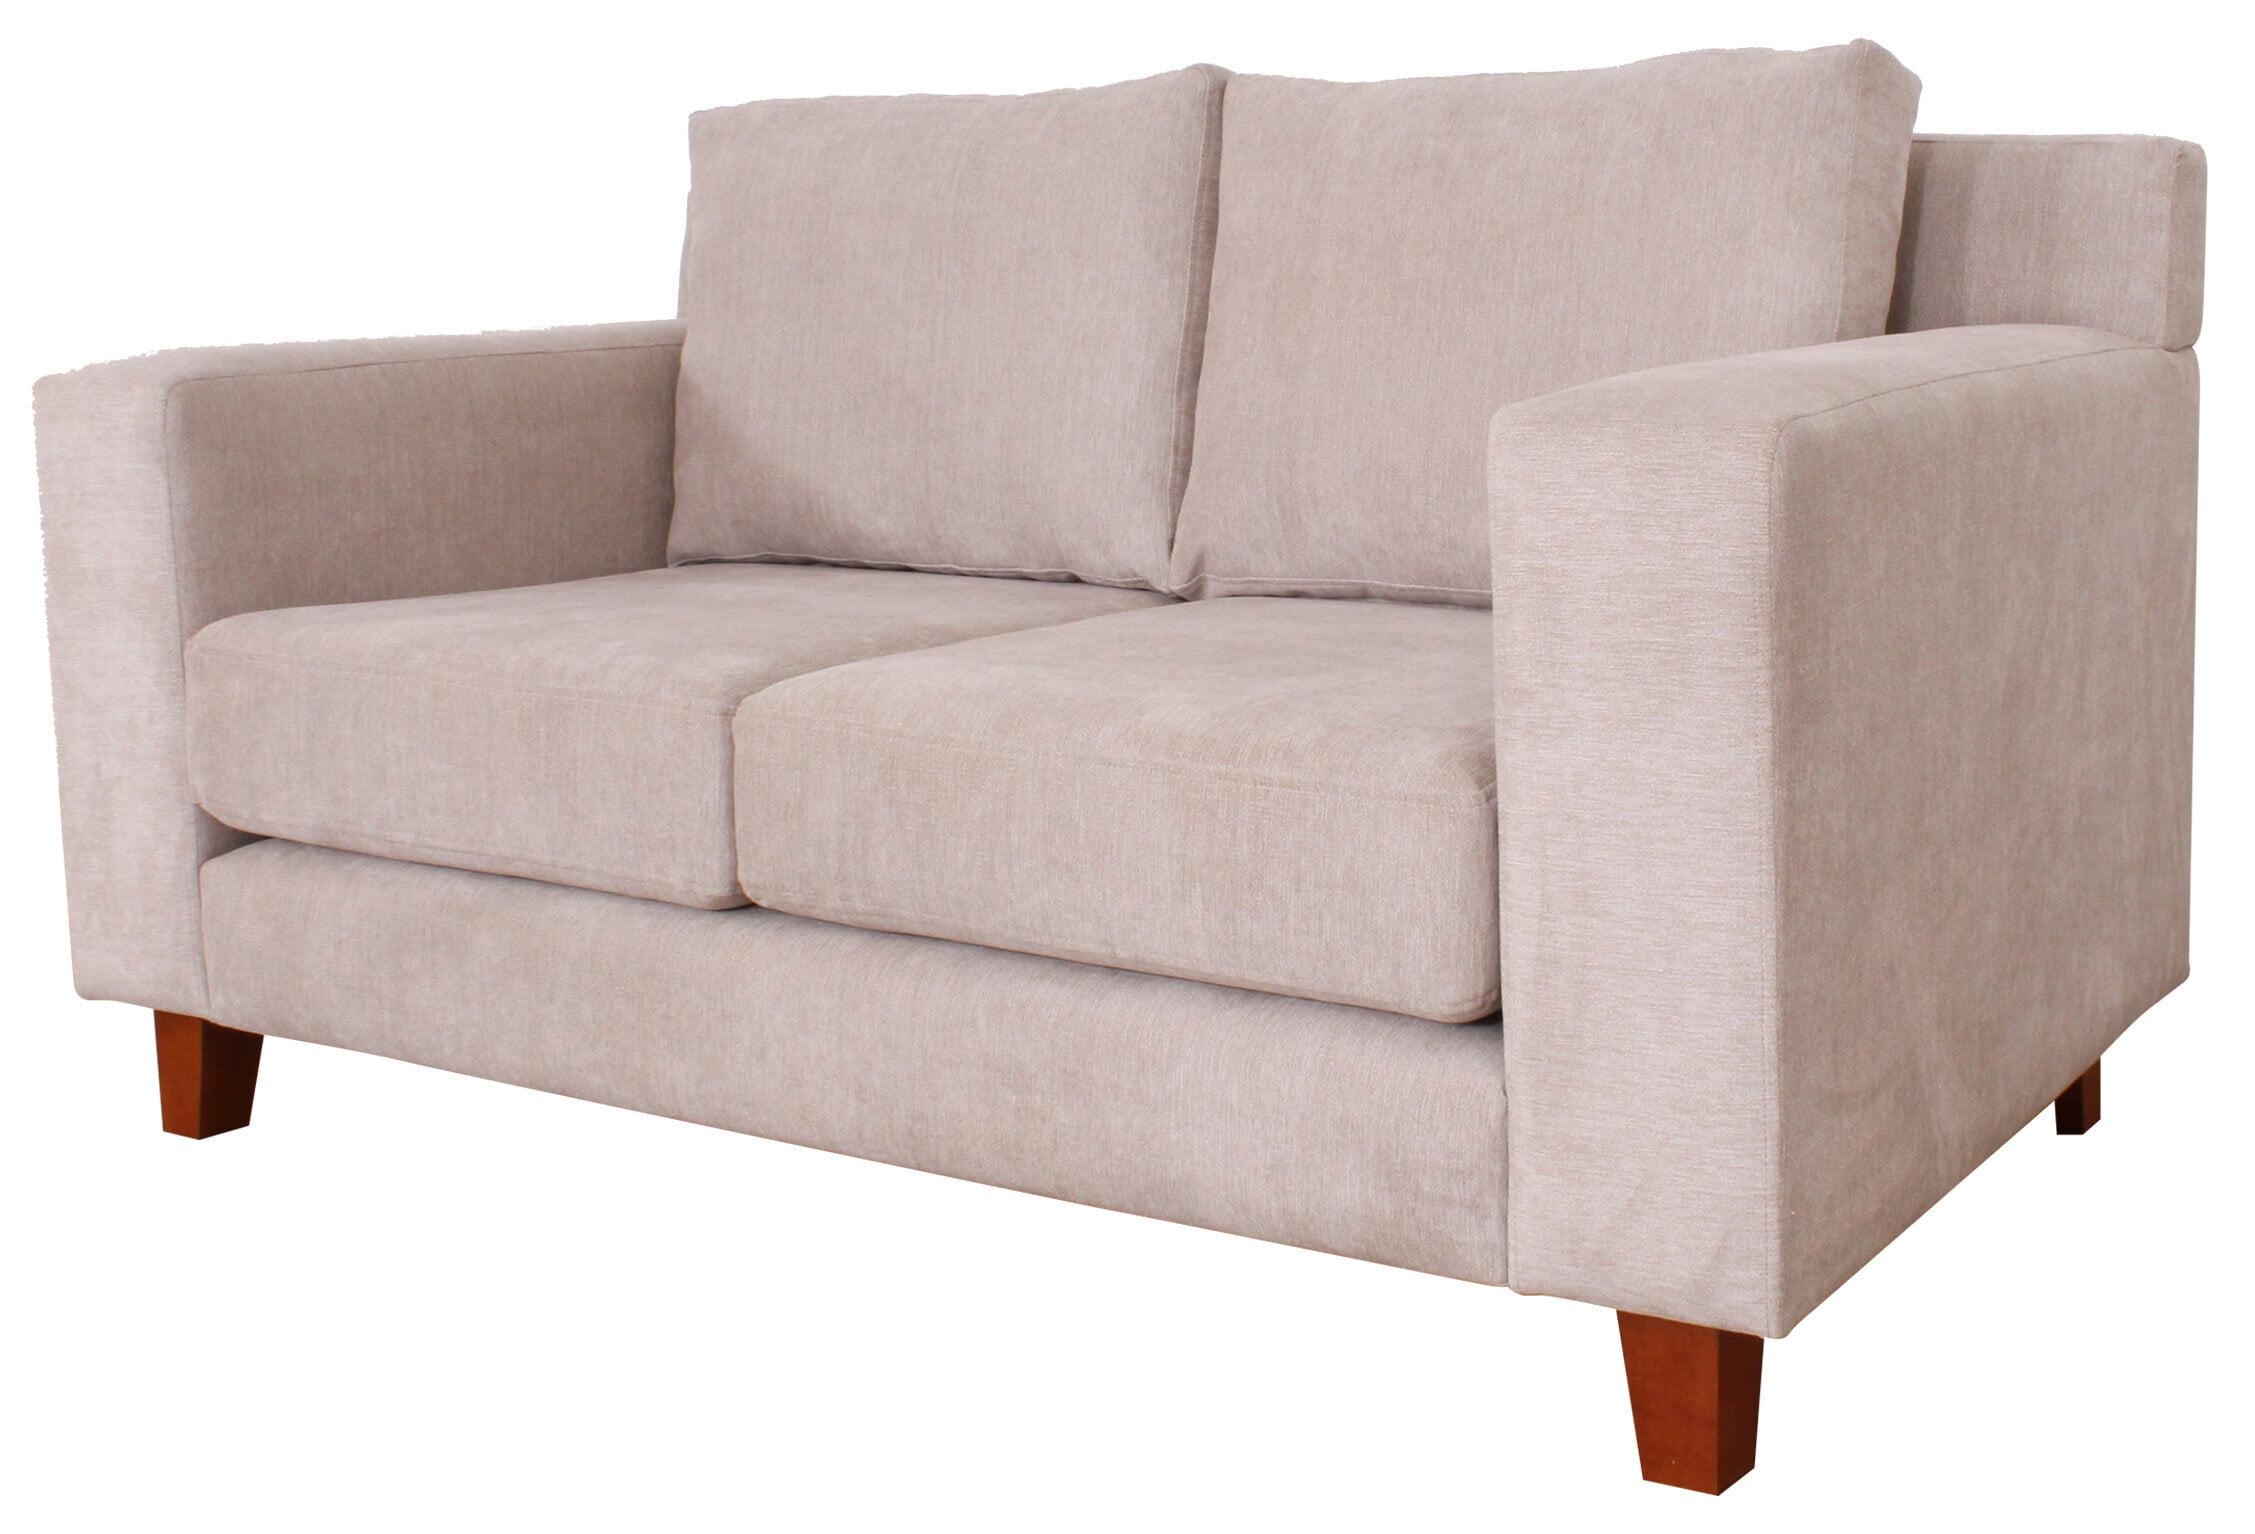 Sofa 2c Respaldo Continuo 2